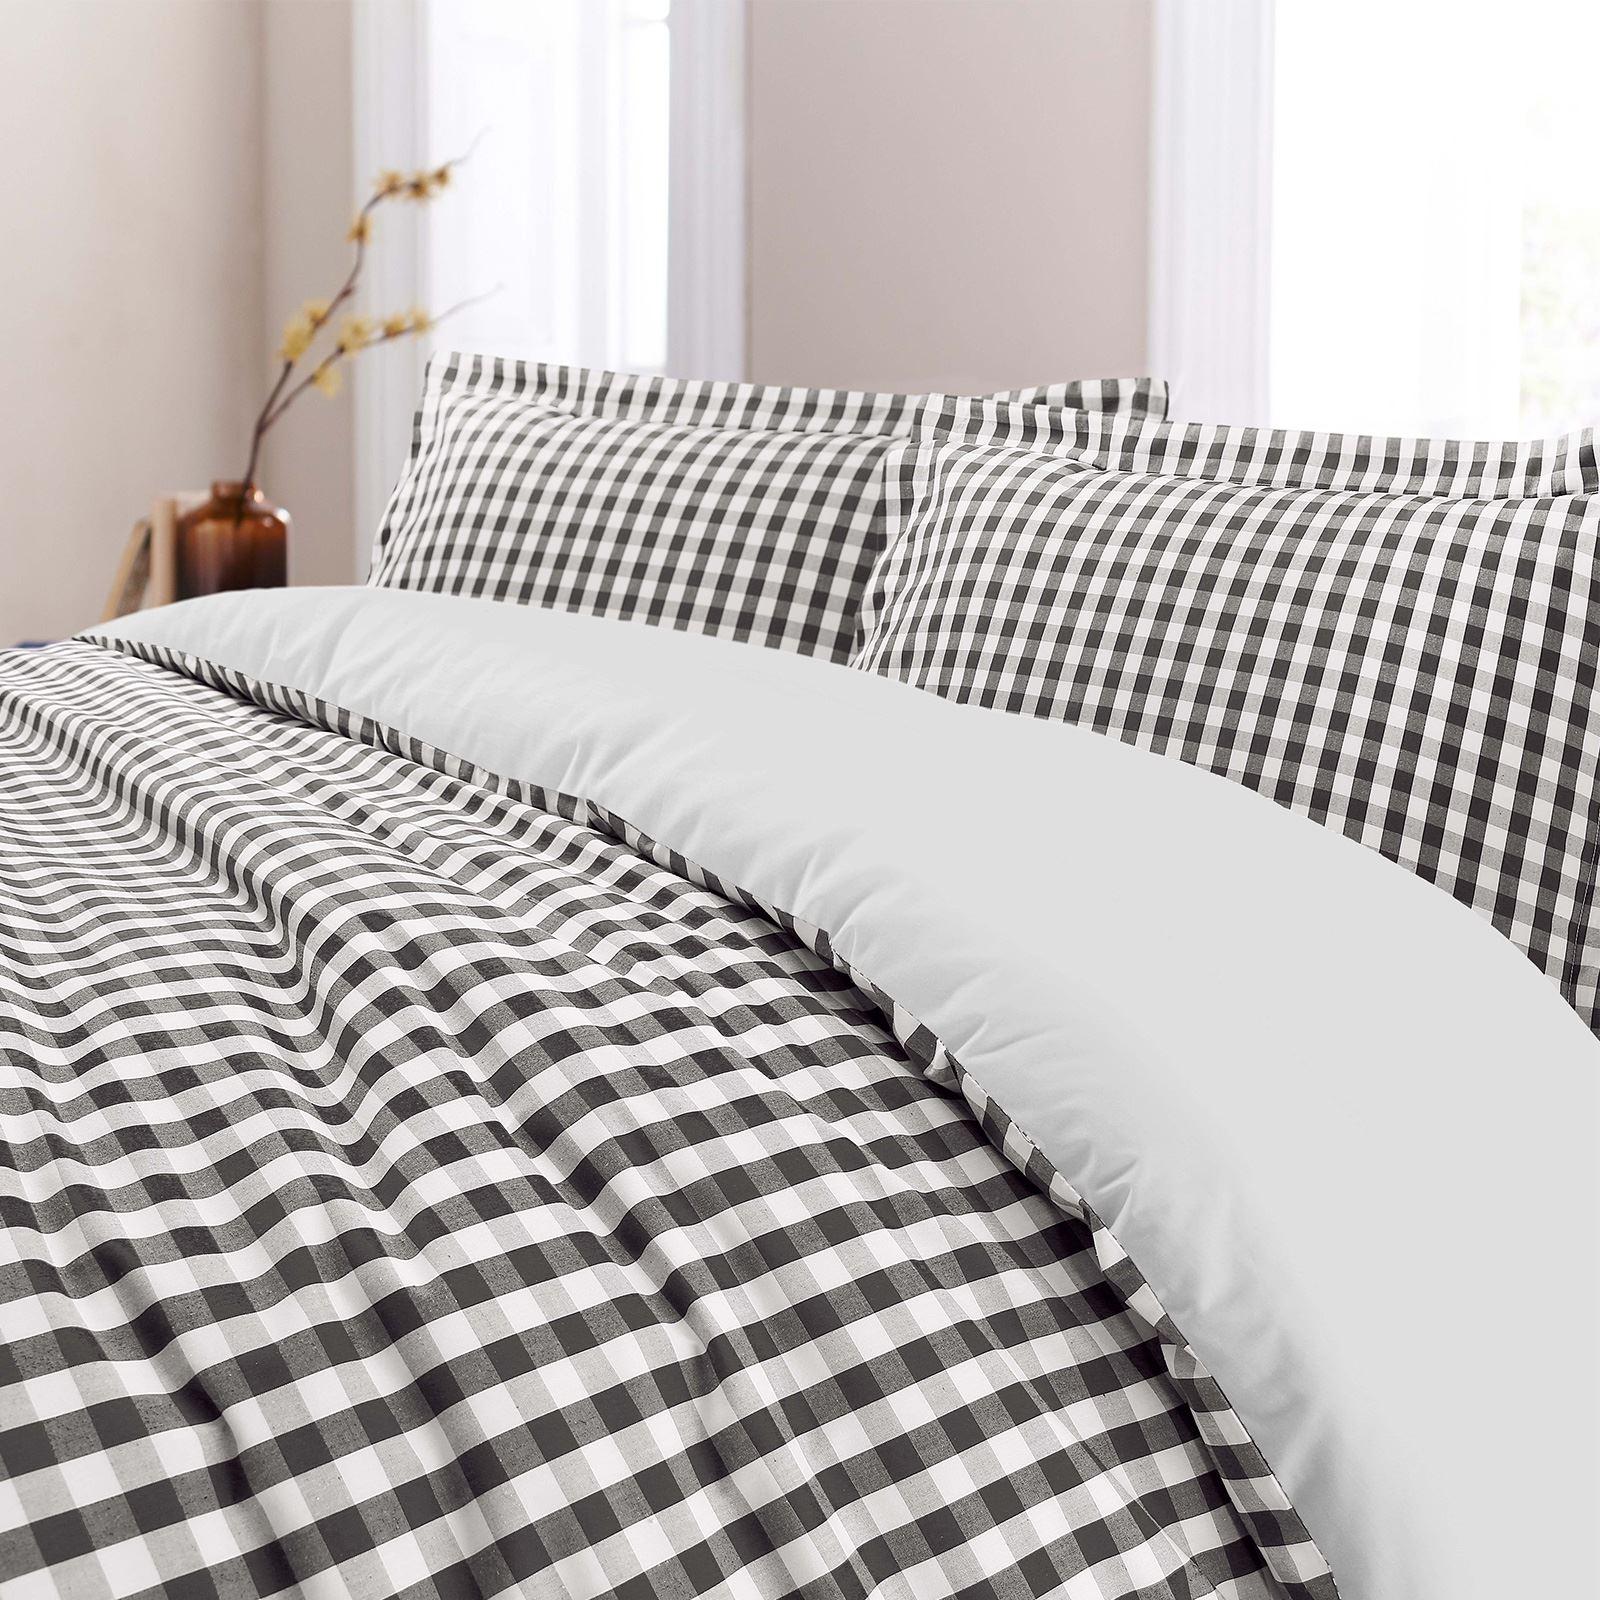 De-Lujo-Gingham-Check-Reversible-100-algodon-T200-conjunto-de-edredon-cubierta-y-fundas-de-almohada miniatura 12